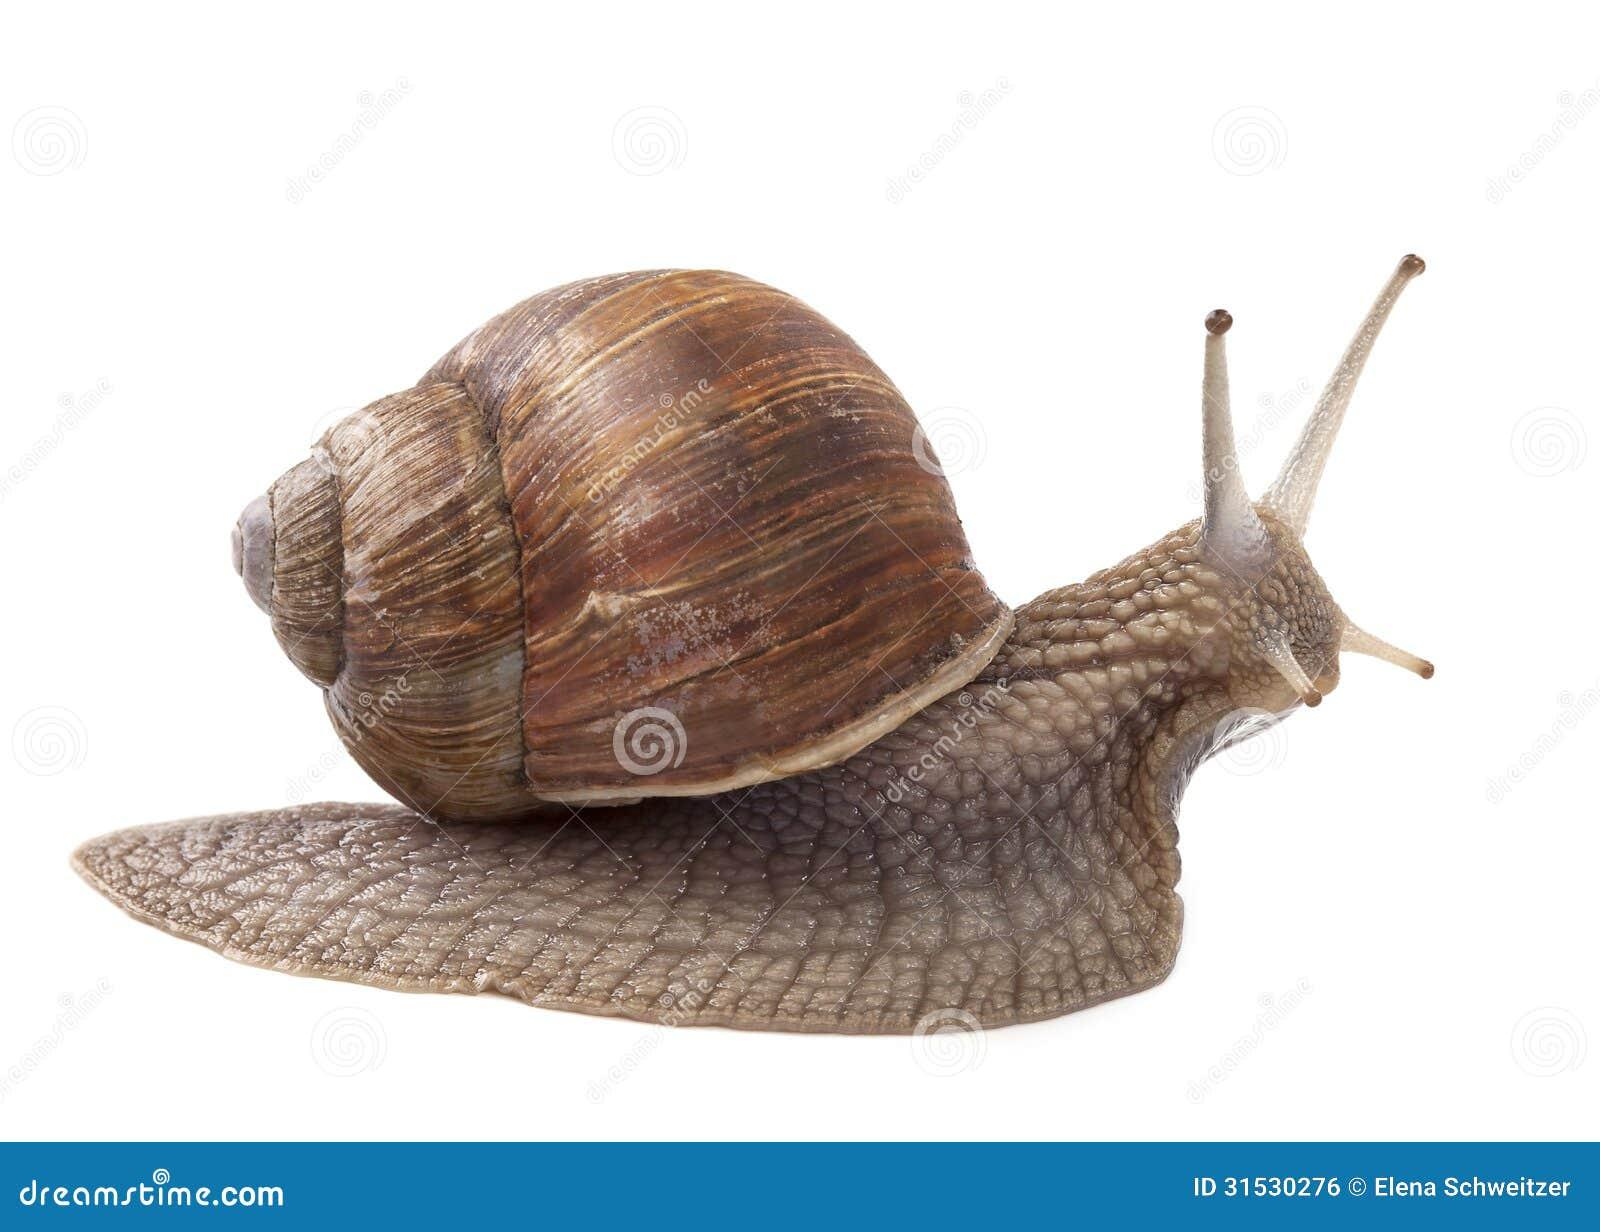 Landschnecke stockfoto bild von shell garten getrennt for Caracol de jardin alimentacion